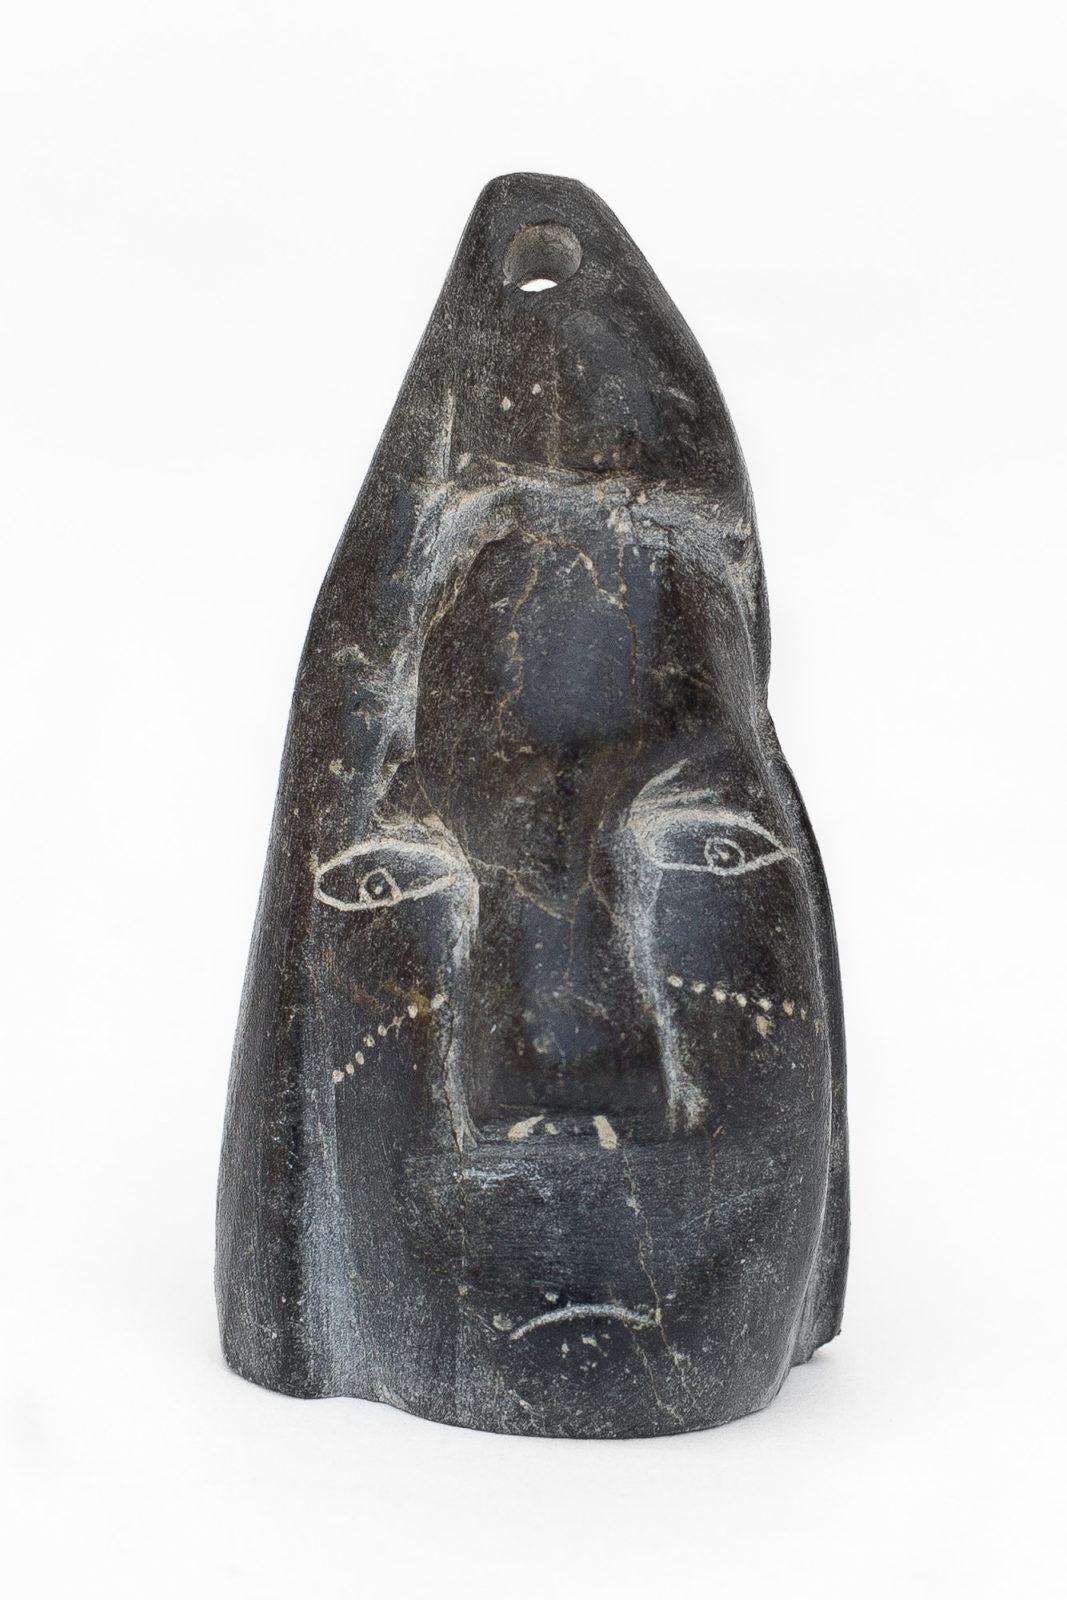 Josie Pamiutu Papialuk  - untitled (pendant)